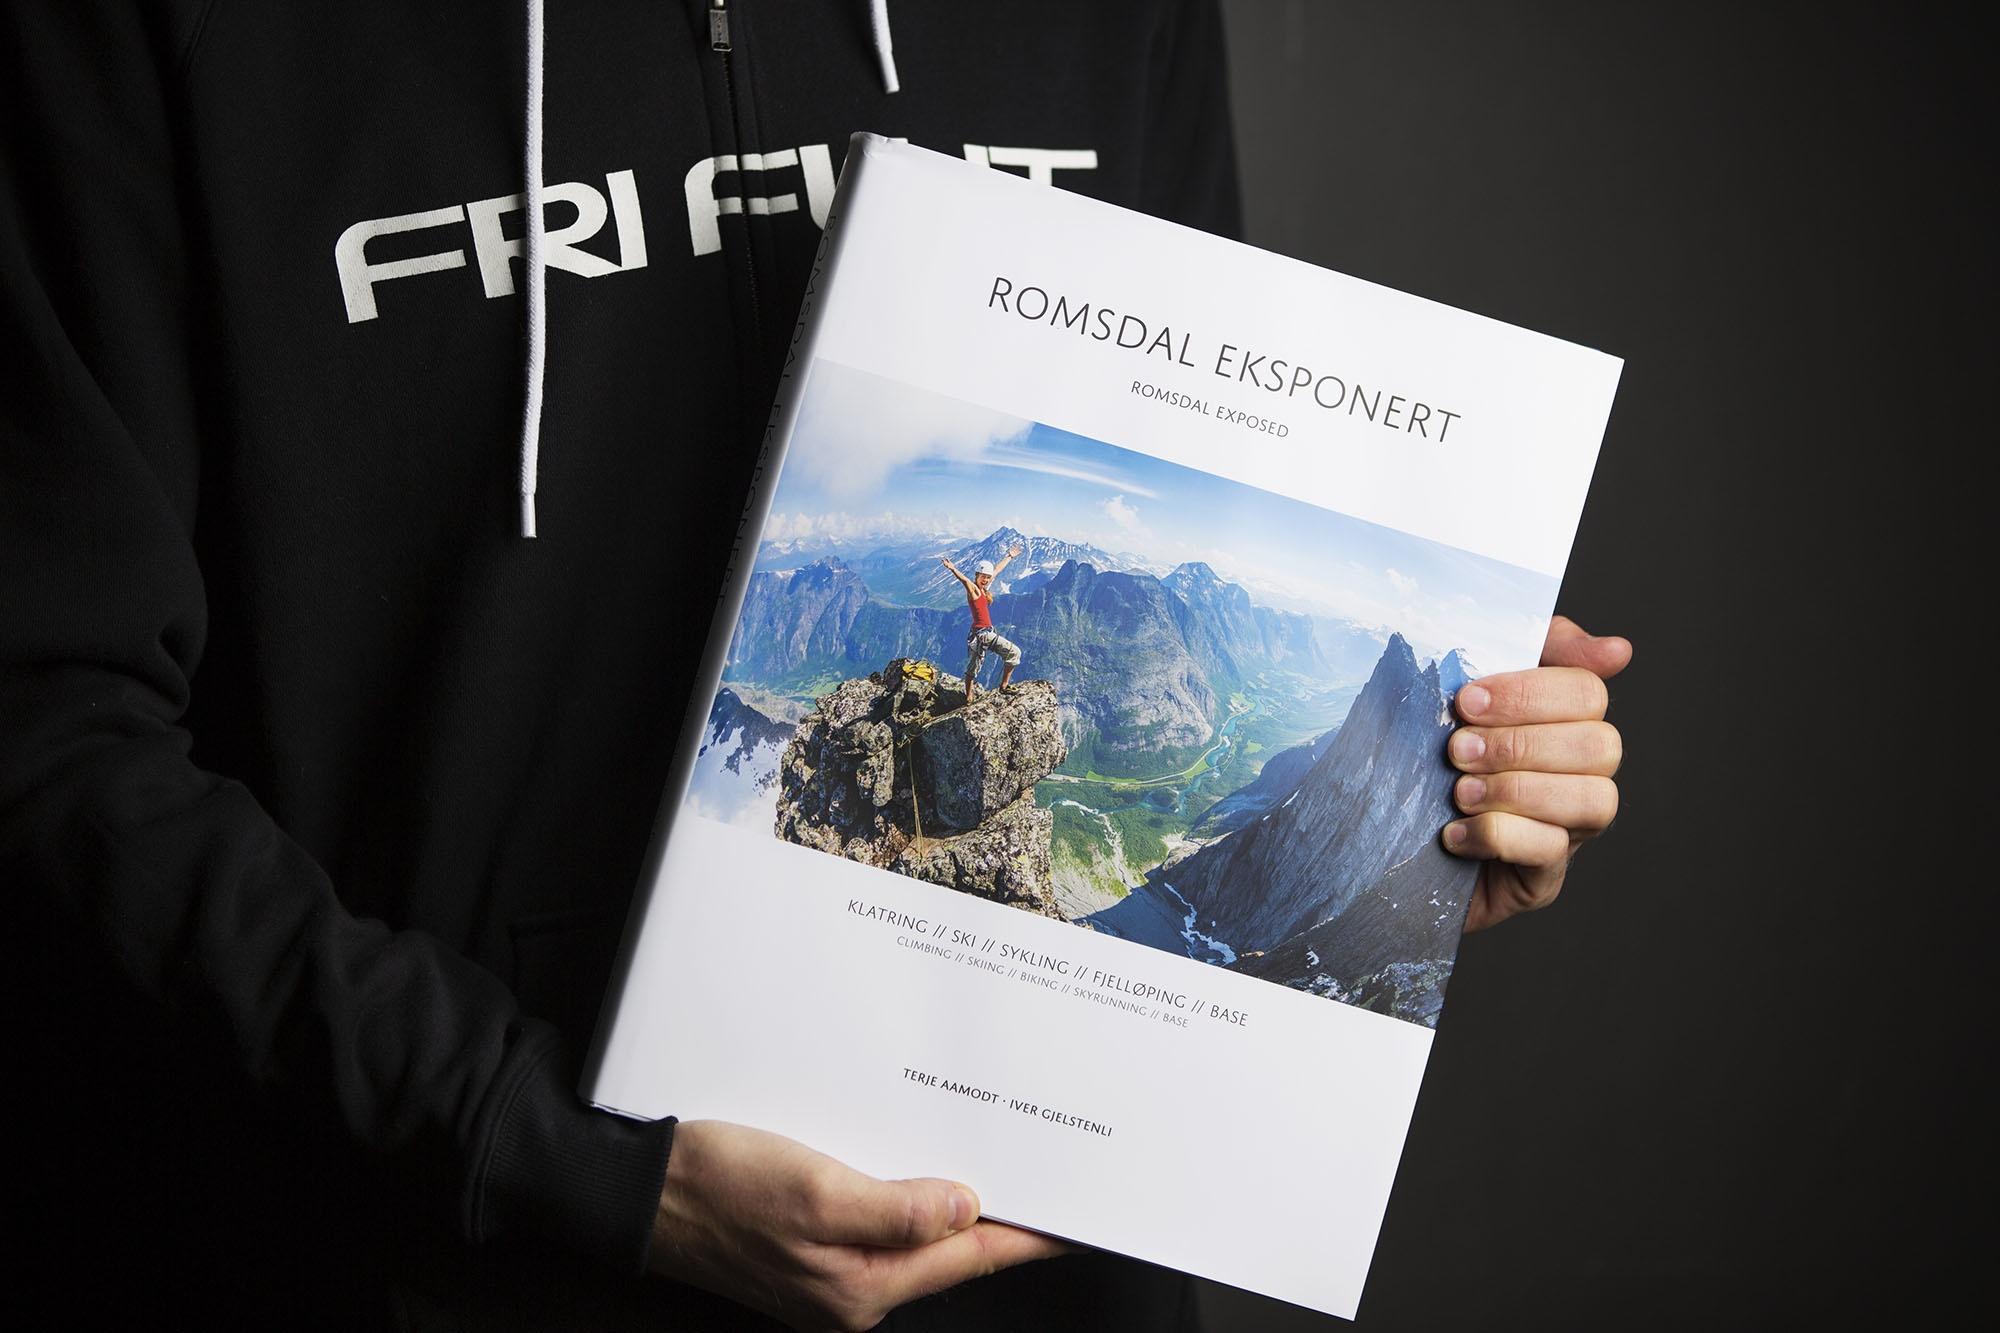 Romsdal Eksponert